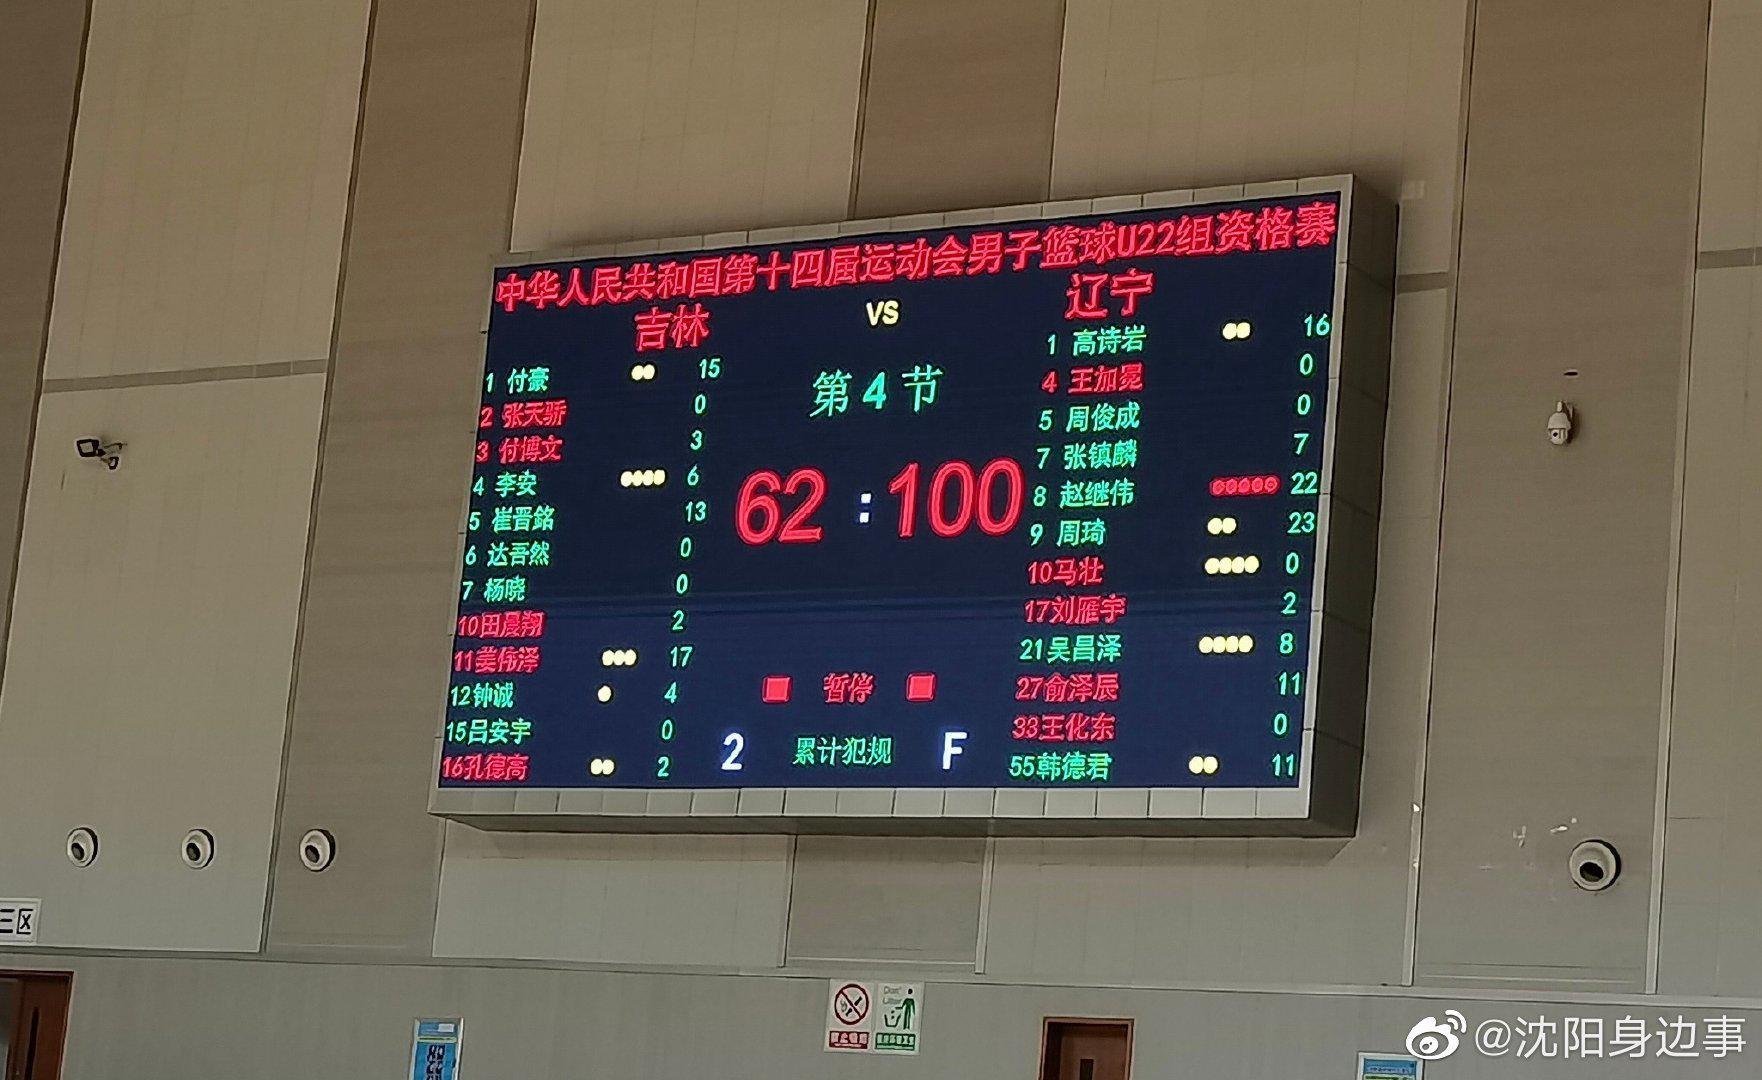 全运会预赛东北德比,辽宁男篮以100-62战胜了吉林男篮……